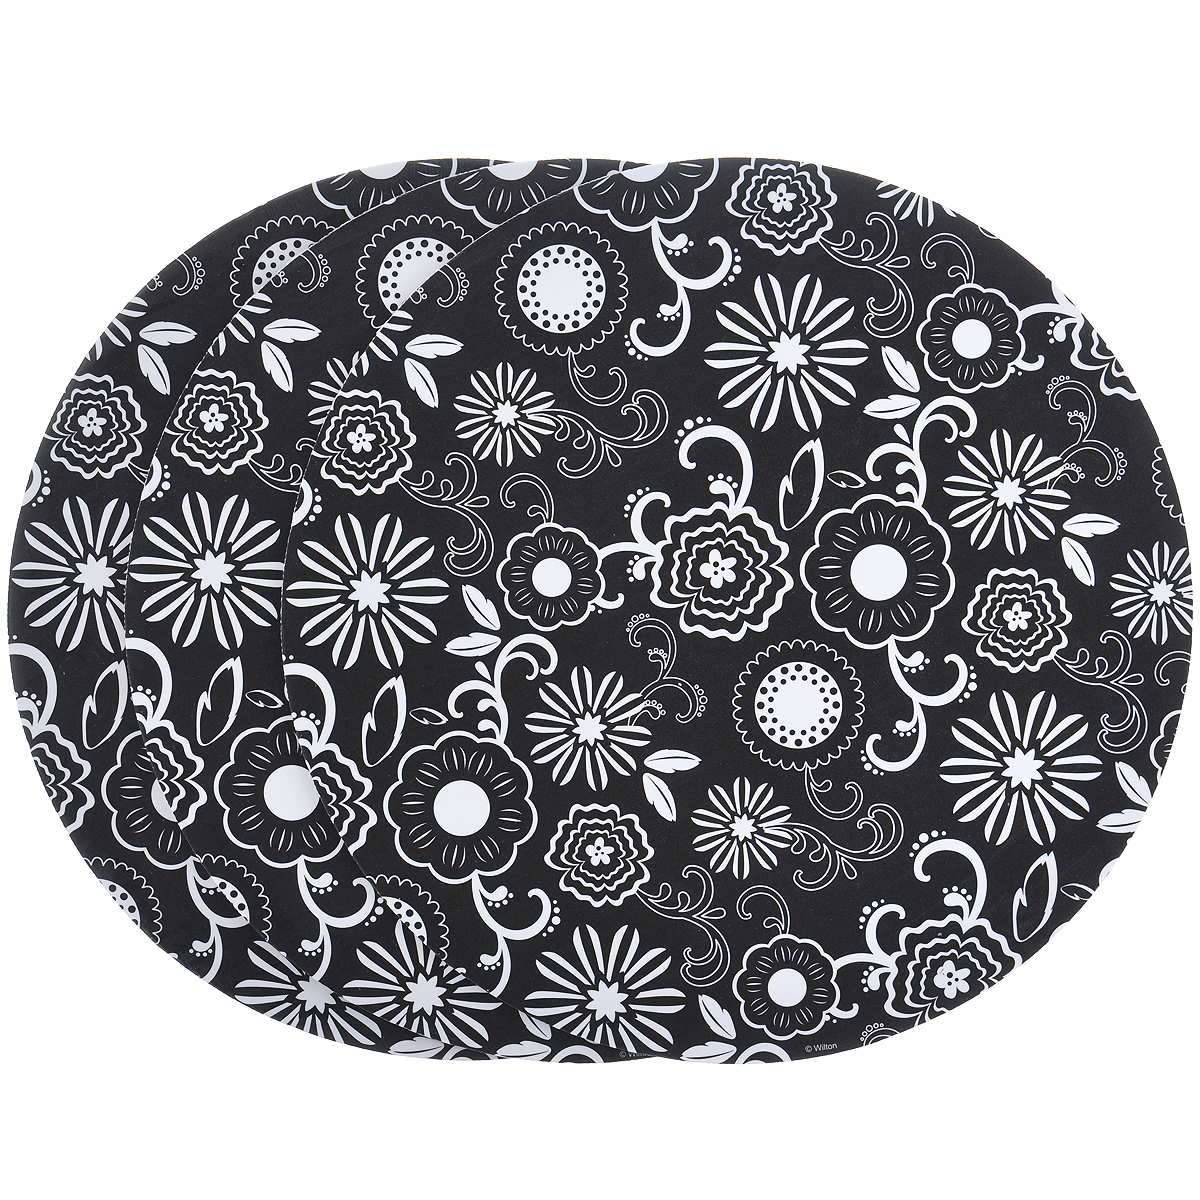 Основа для торта Wilton Белые цветы, диаметр 30,5 см, 3 шт54 009312Основа Wilton Белые цветы выполнена из гофрированного картона с жиронепроницаемым покрытием и оформлена белыми цветами. Предназначена для сервировки тортов, пицц, небольших праздничных угощений, закусок и т.п. Диаметр: 30,5 см. Толщина: 3 мм.